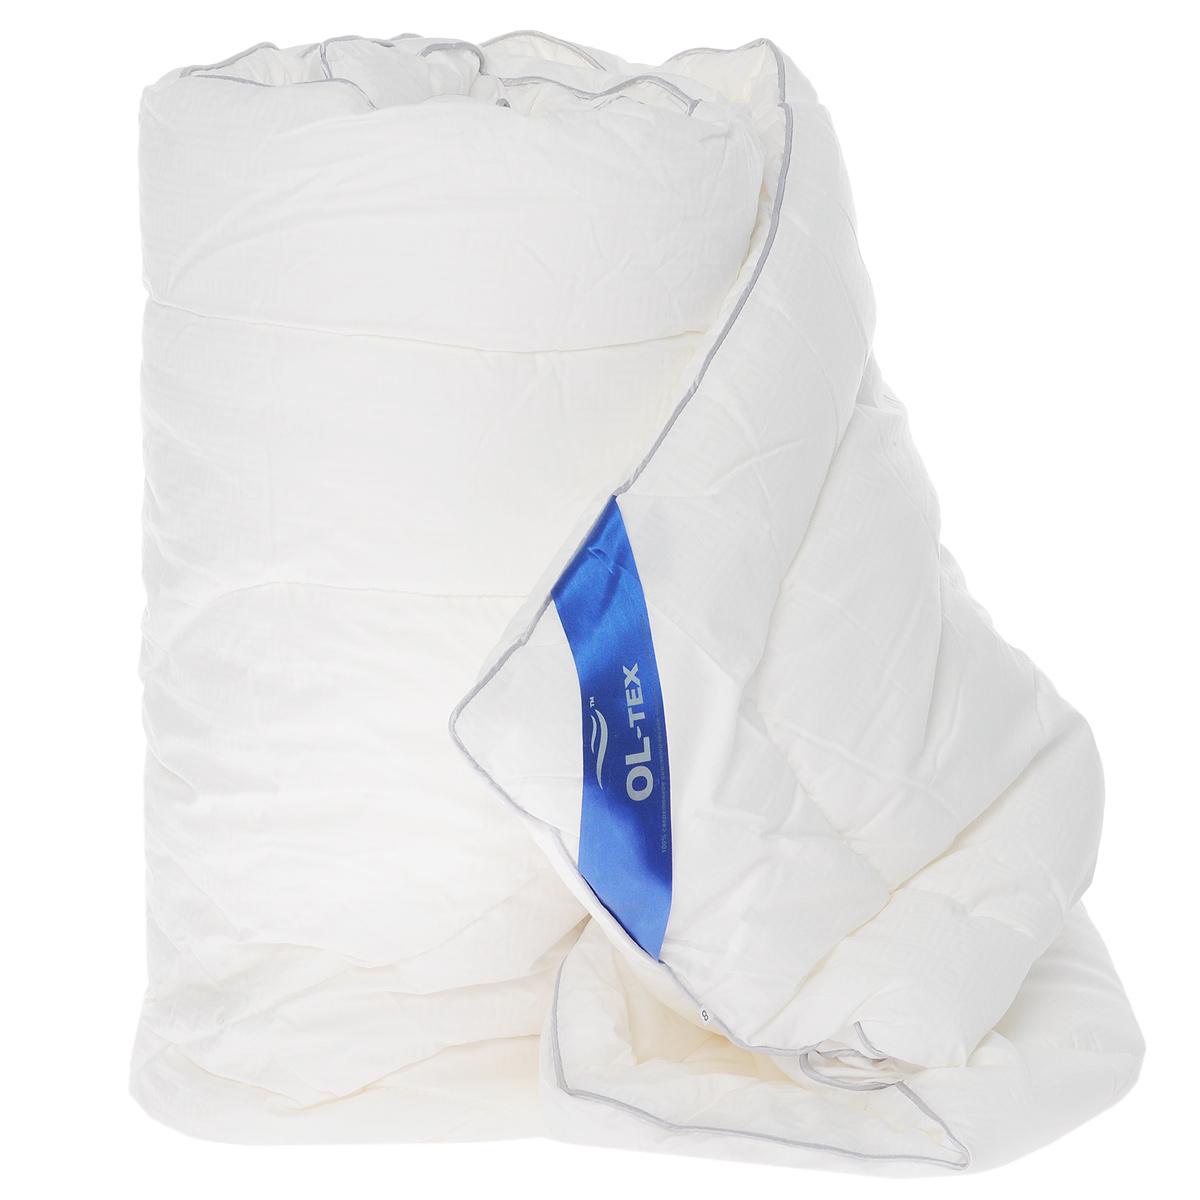 Одеяло теплое OL-Tex Nano Silver, наполнитель: микроволокно OL-Tex с ионами серебра, цвет: белый, 140 х 205 смОЛСС-15-4Красивое и теплое одеяло OL-Tex Nano Silver порадует Вас не только прекрасным внешним видом, но и полезными свойствами. Оно подарит вам ни с чем несравнимую мягкость и комфорт. Чехол одеяла белого цвета выполнен из сатина с жаккардовым узором, оформлен фигурной стежкой и атласным кантом по краю. Внутри - наполнитель из микроволокна OL-Tex с ионами серебра. Микроволокна наполнителя обогащены ионами серебра, известного своими антибактериальными, противовирусными и иммунозащитными свойствами. Изделия этой коллекции являются гипоаллергенными и способствуют снятию статического электричества. За одеялом легко ухаживать, оно не теряет своих свойств после многократных стирок. Основные свойства микроволокна OL-Tex с ионами серебра: - антибактериальный эффект, - антистатический эффект, - превосходная терморегуляция. Подарите себе здоровый сон! Нежное, легкое, теплое одеяло - прекрасный подарок себе и своим близким. Изделия OL-Tex -...